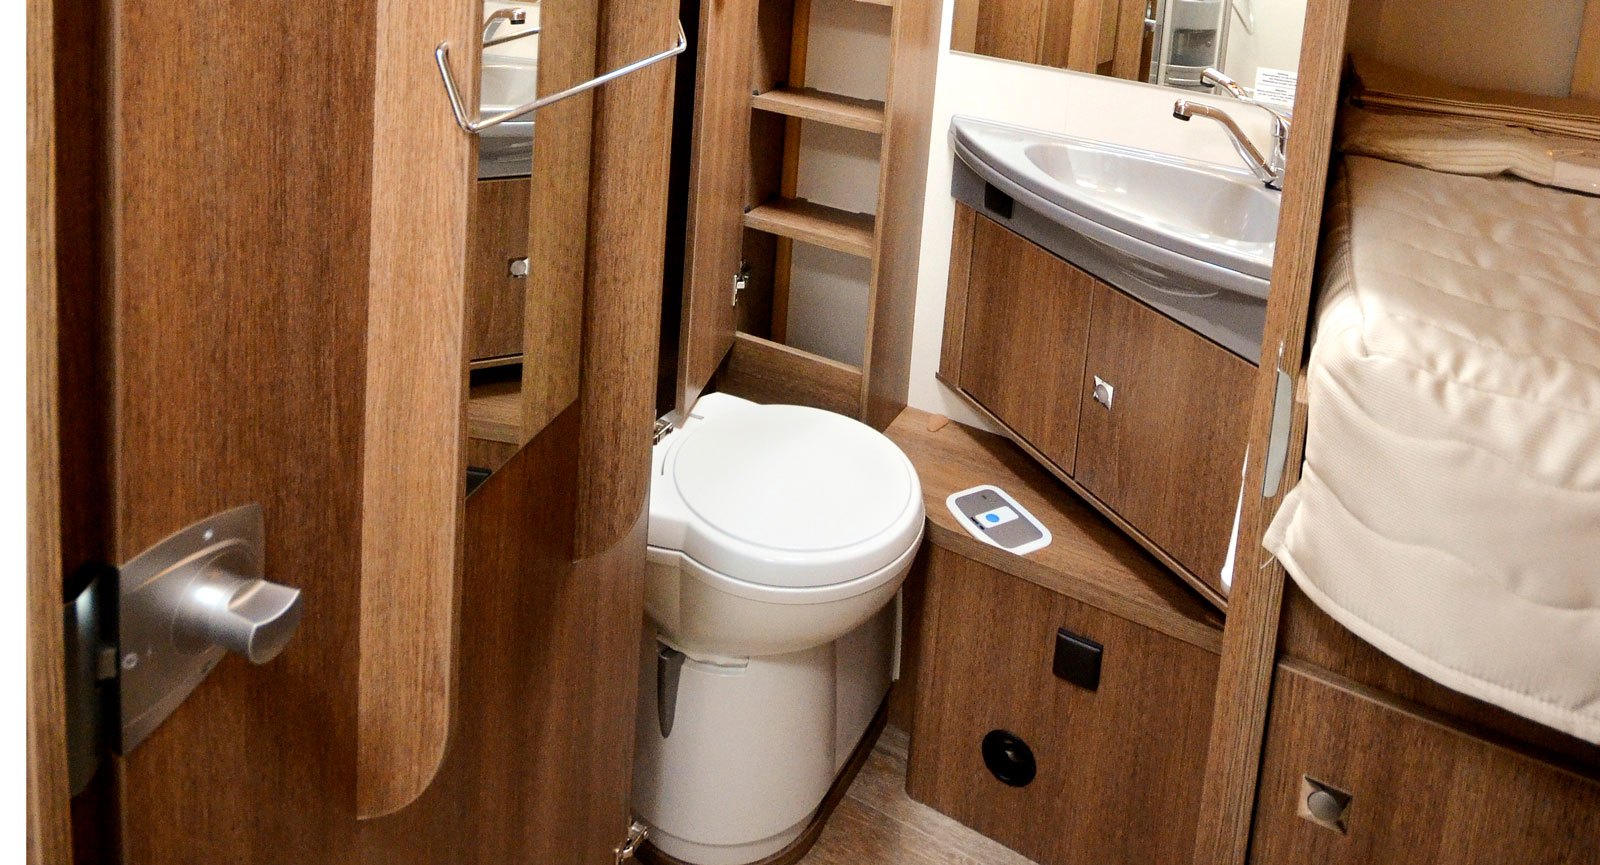 Toaskåpet har sex hyllplan och dörr vilket ger bra möjligheter till förvaring. Även under handfatet finns det plats för prylar.